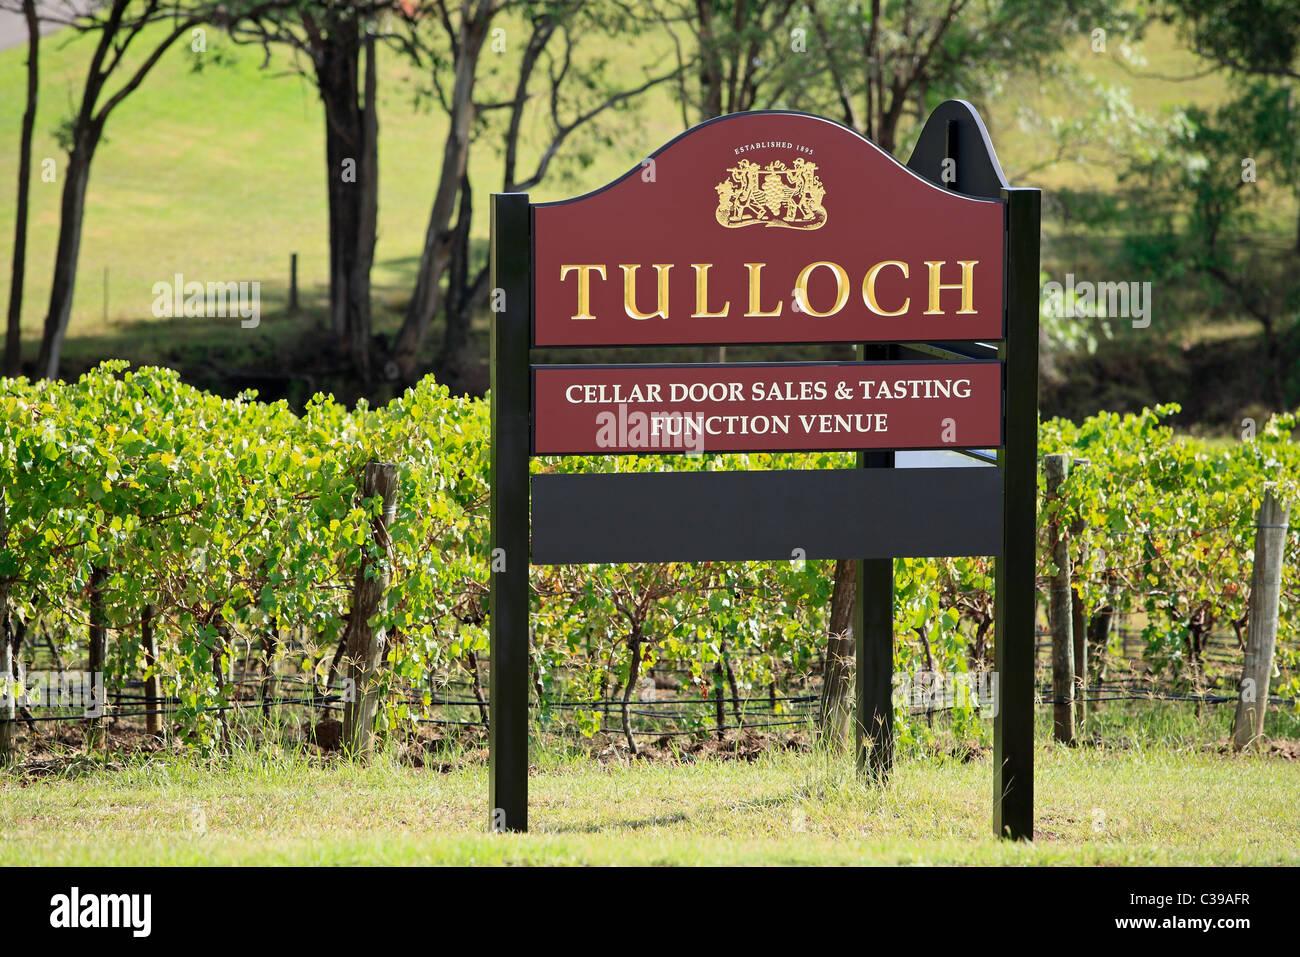 sign-at-tulloch-wines-pokolbin-hunter-valley-new-south-wales-australia-C39AFR.jpg